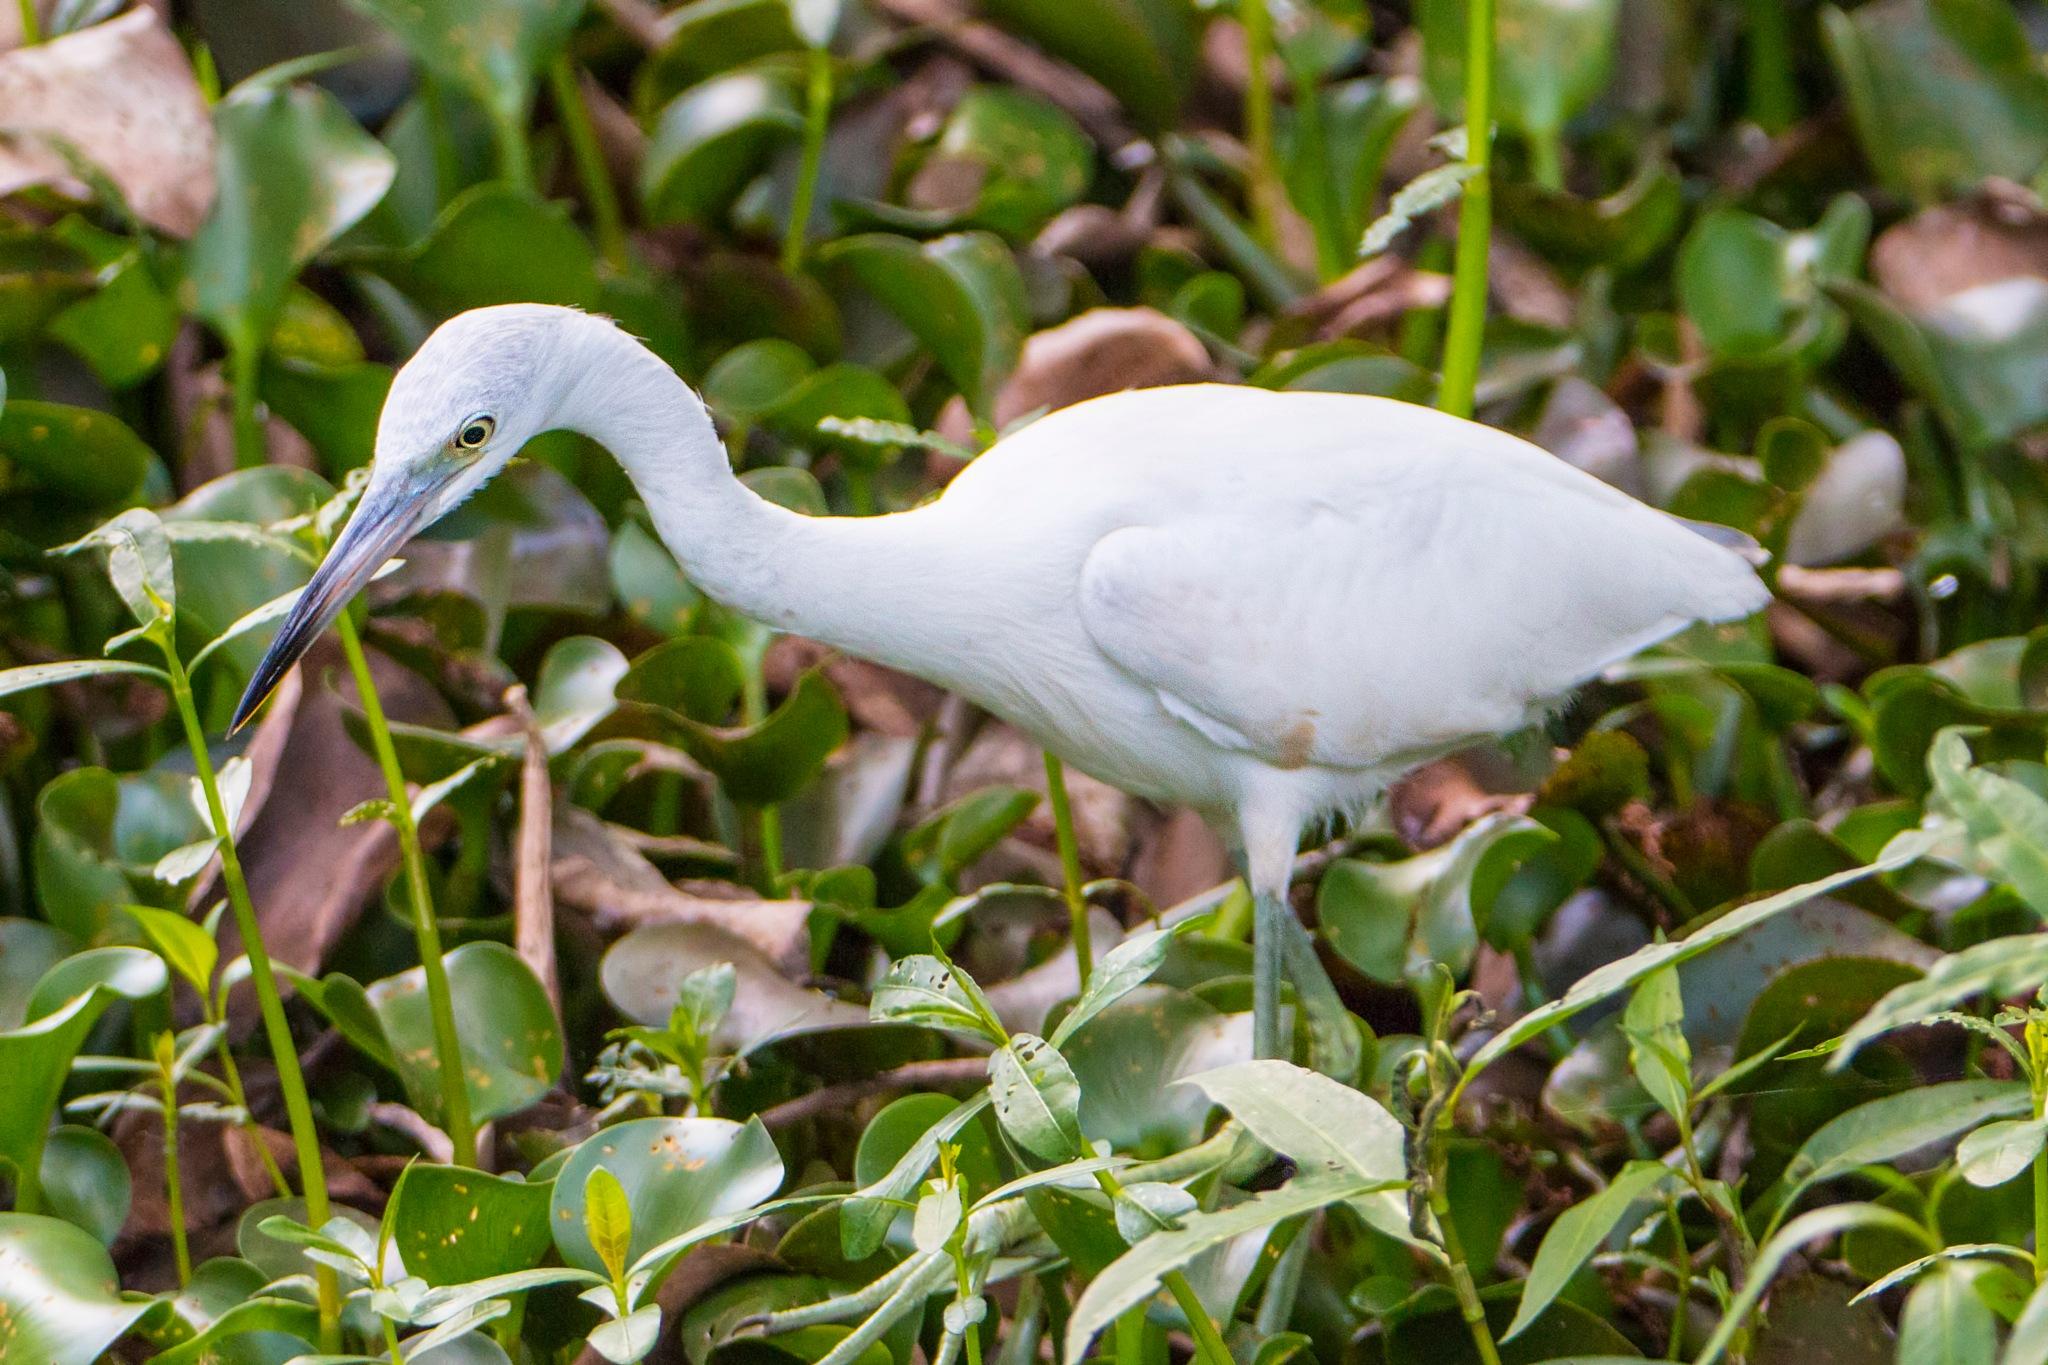 Great White Egret by Manny Obordo